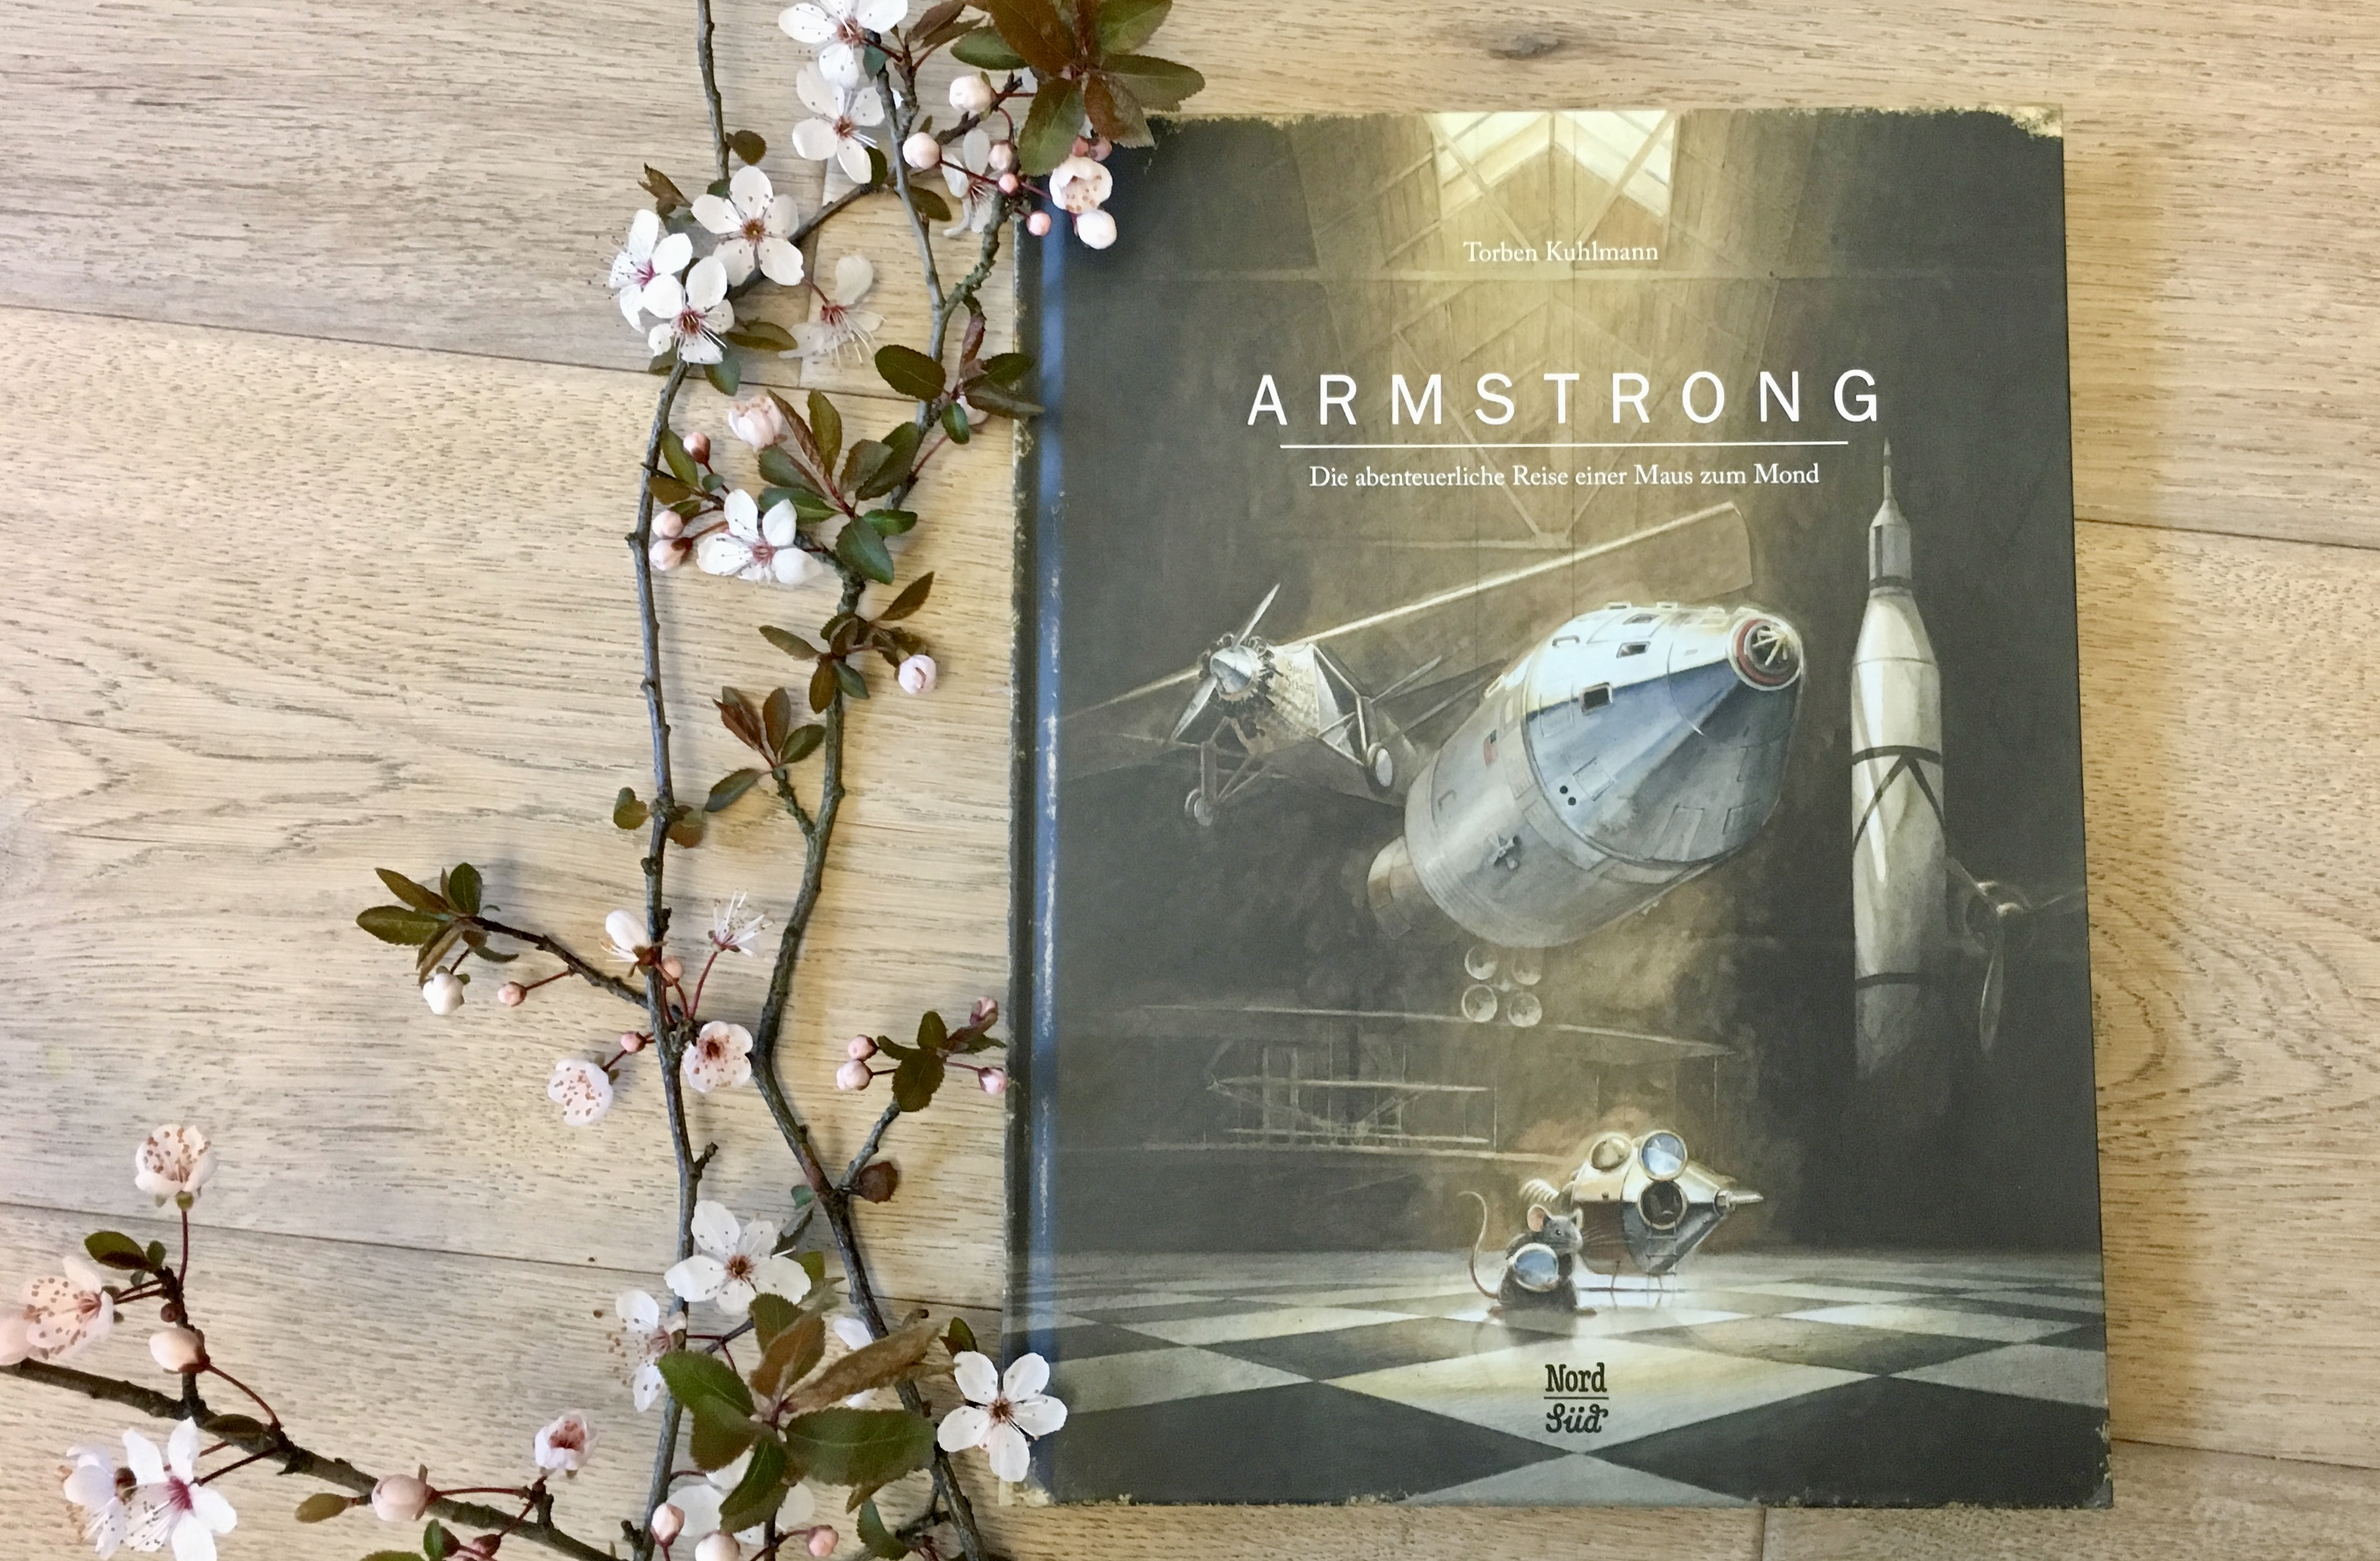 Armstrong von Torben Kuhlmann